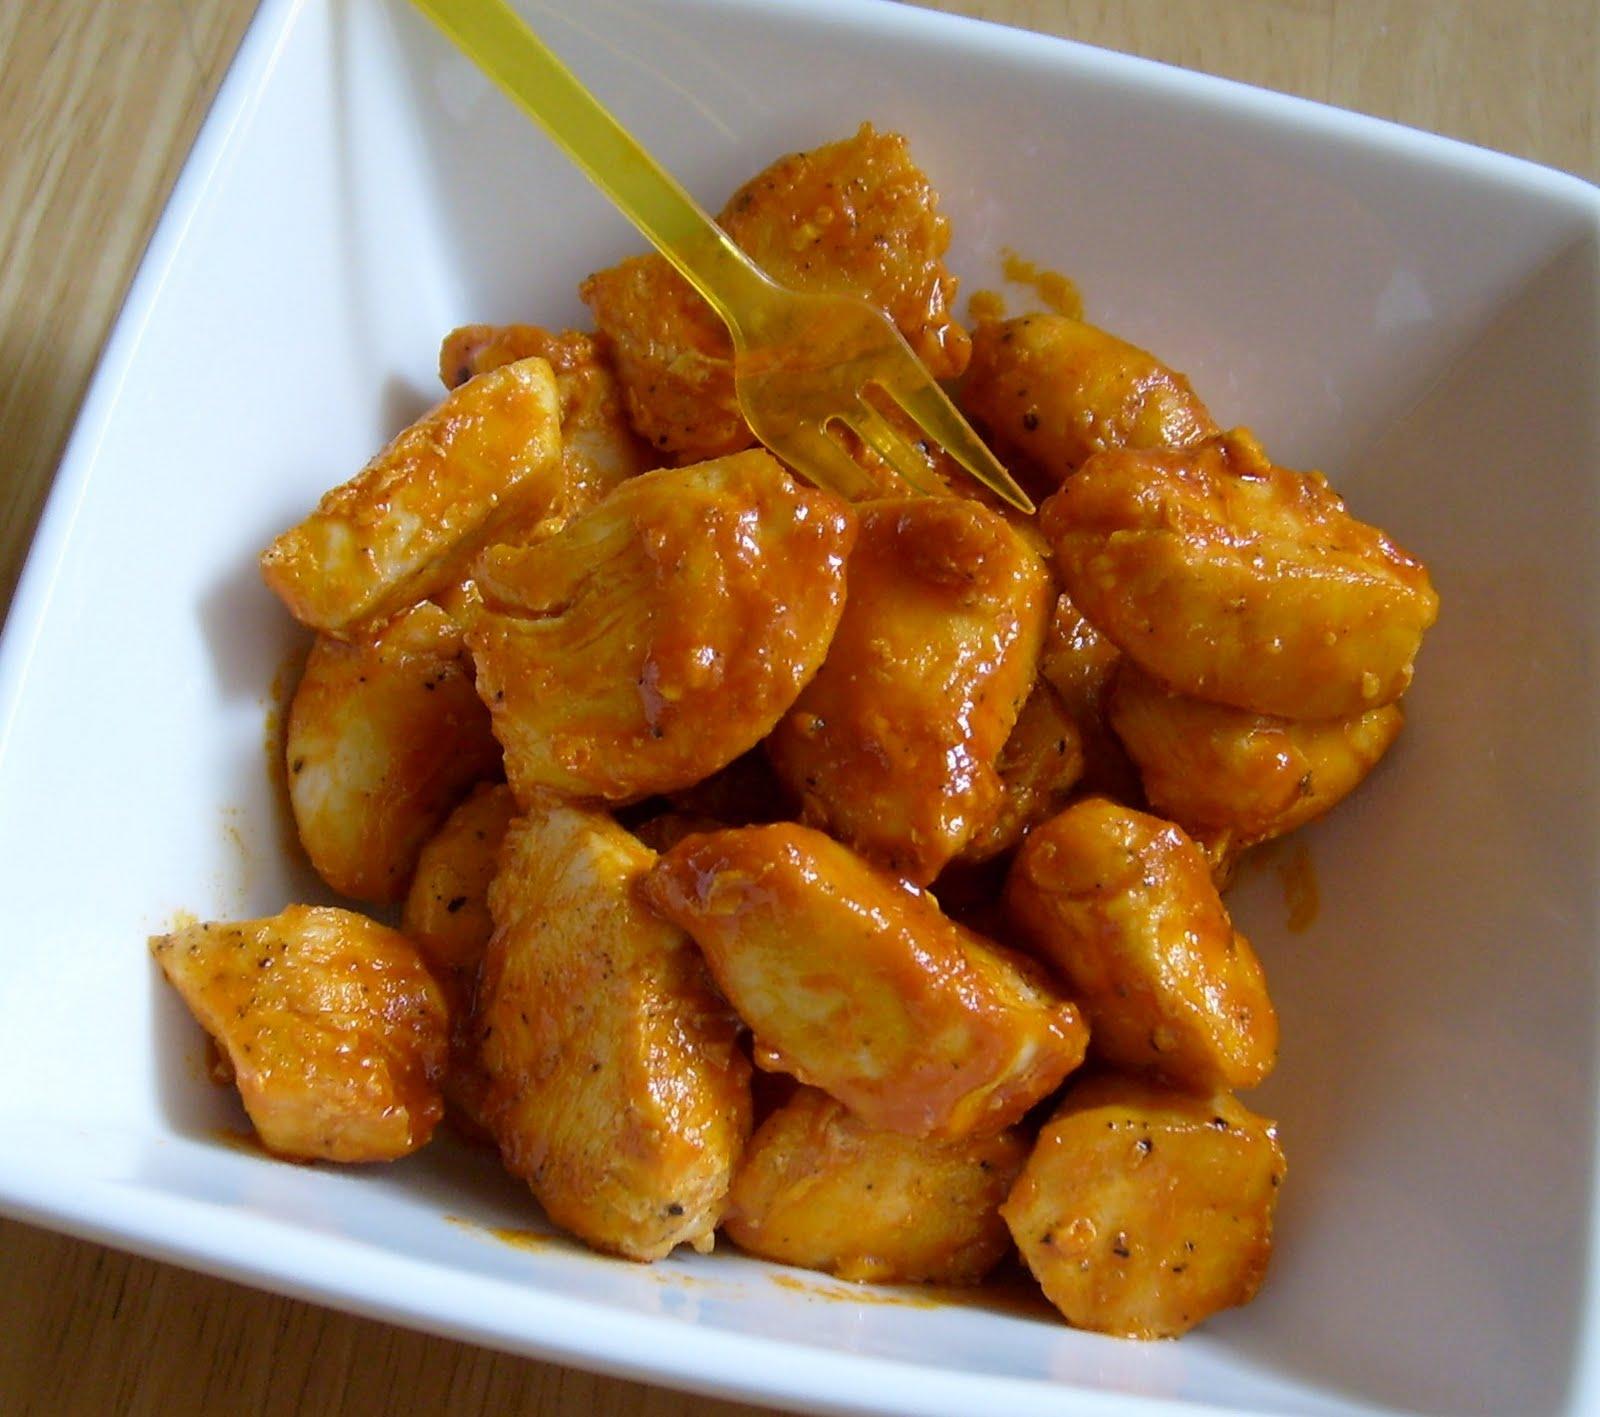 http://4.bp.blogspot.com/-2pyTgGea-jU/TmEXcSlpxMI/AAAAAAAADxw/ygfYsWCtXZs/s1600/buffalo+chicken+036.JPG